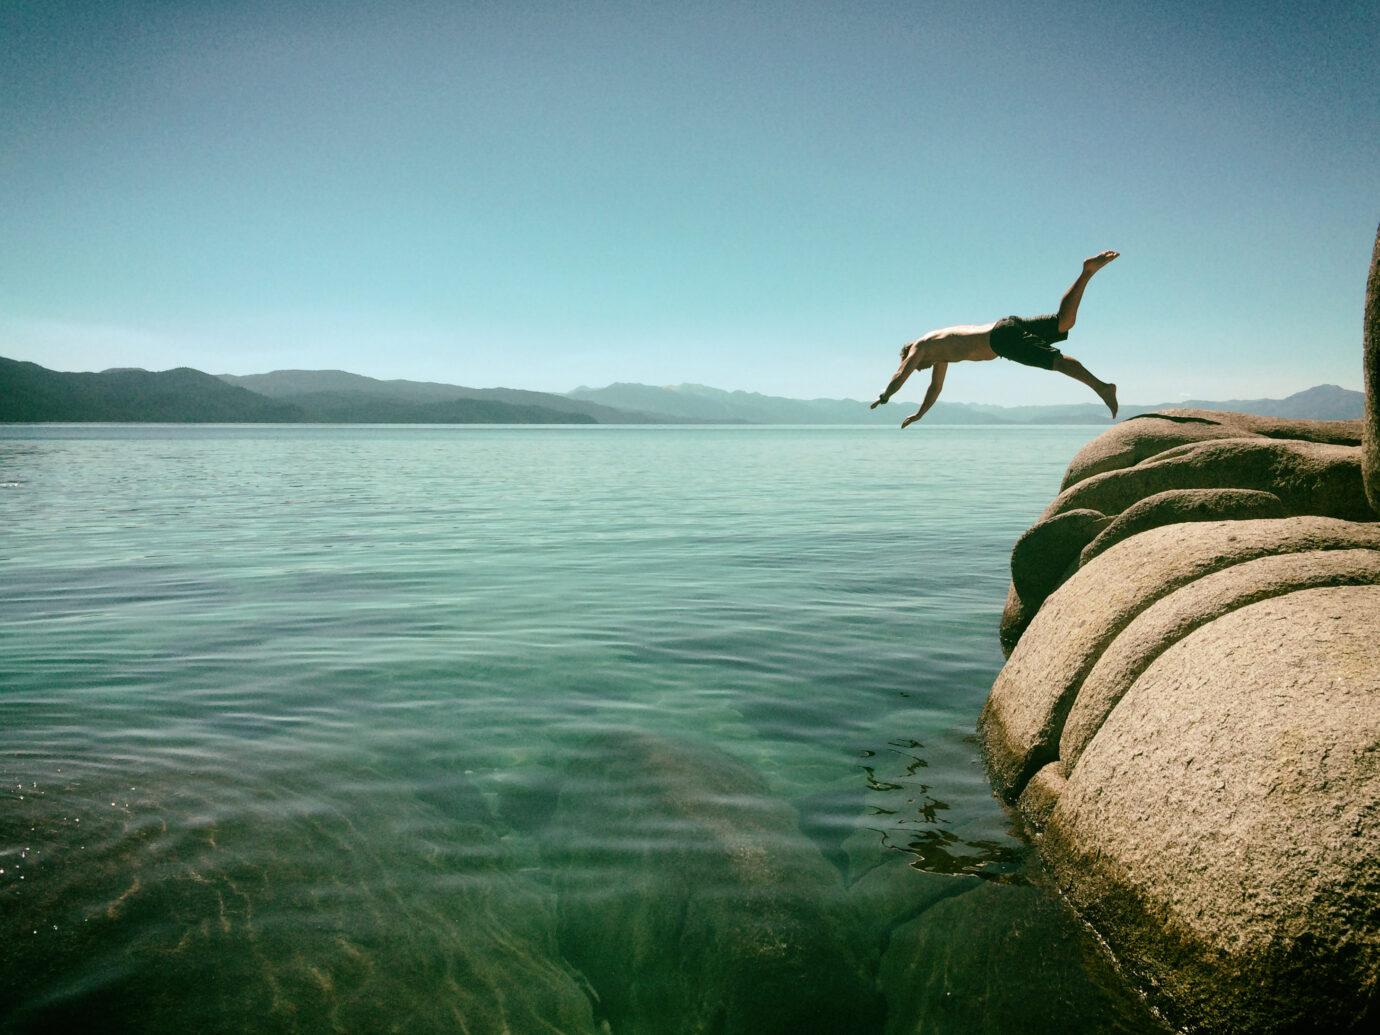 Man diving off rocks into Lake Tahoe